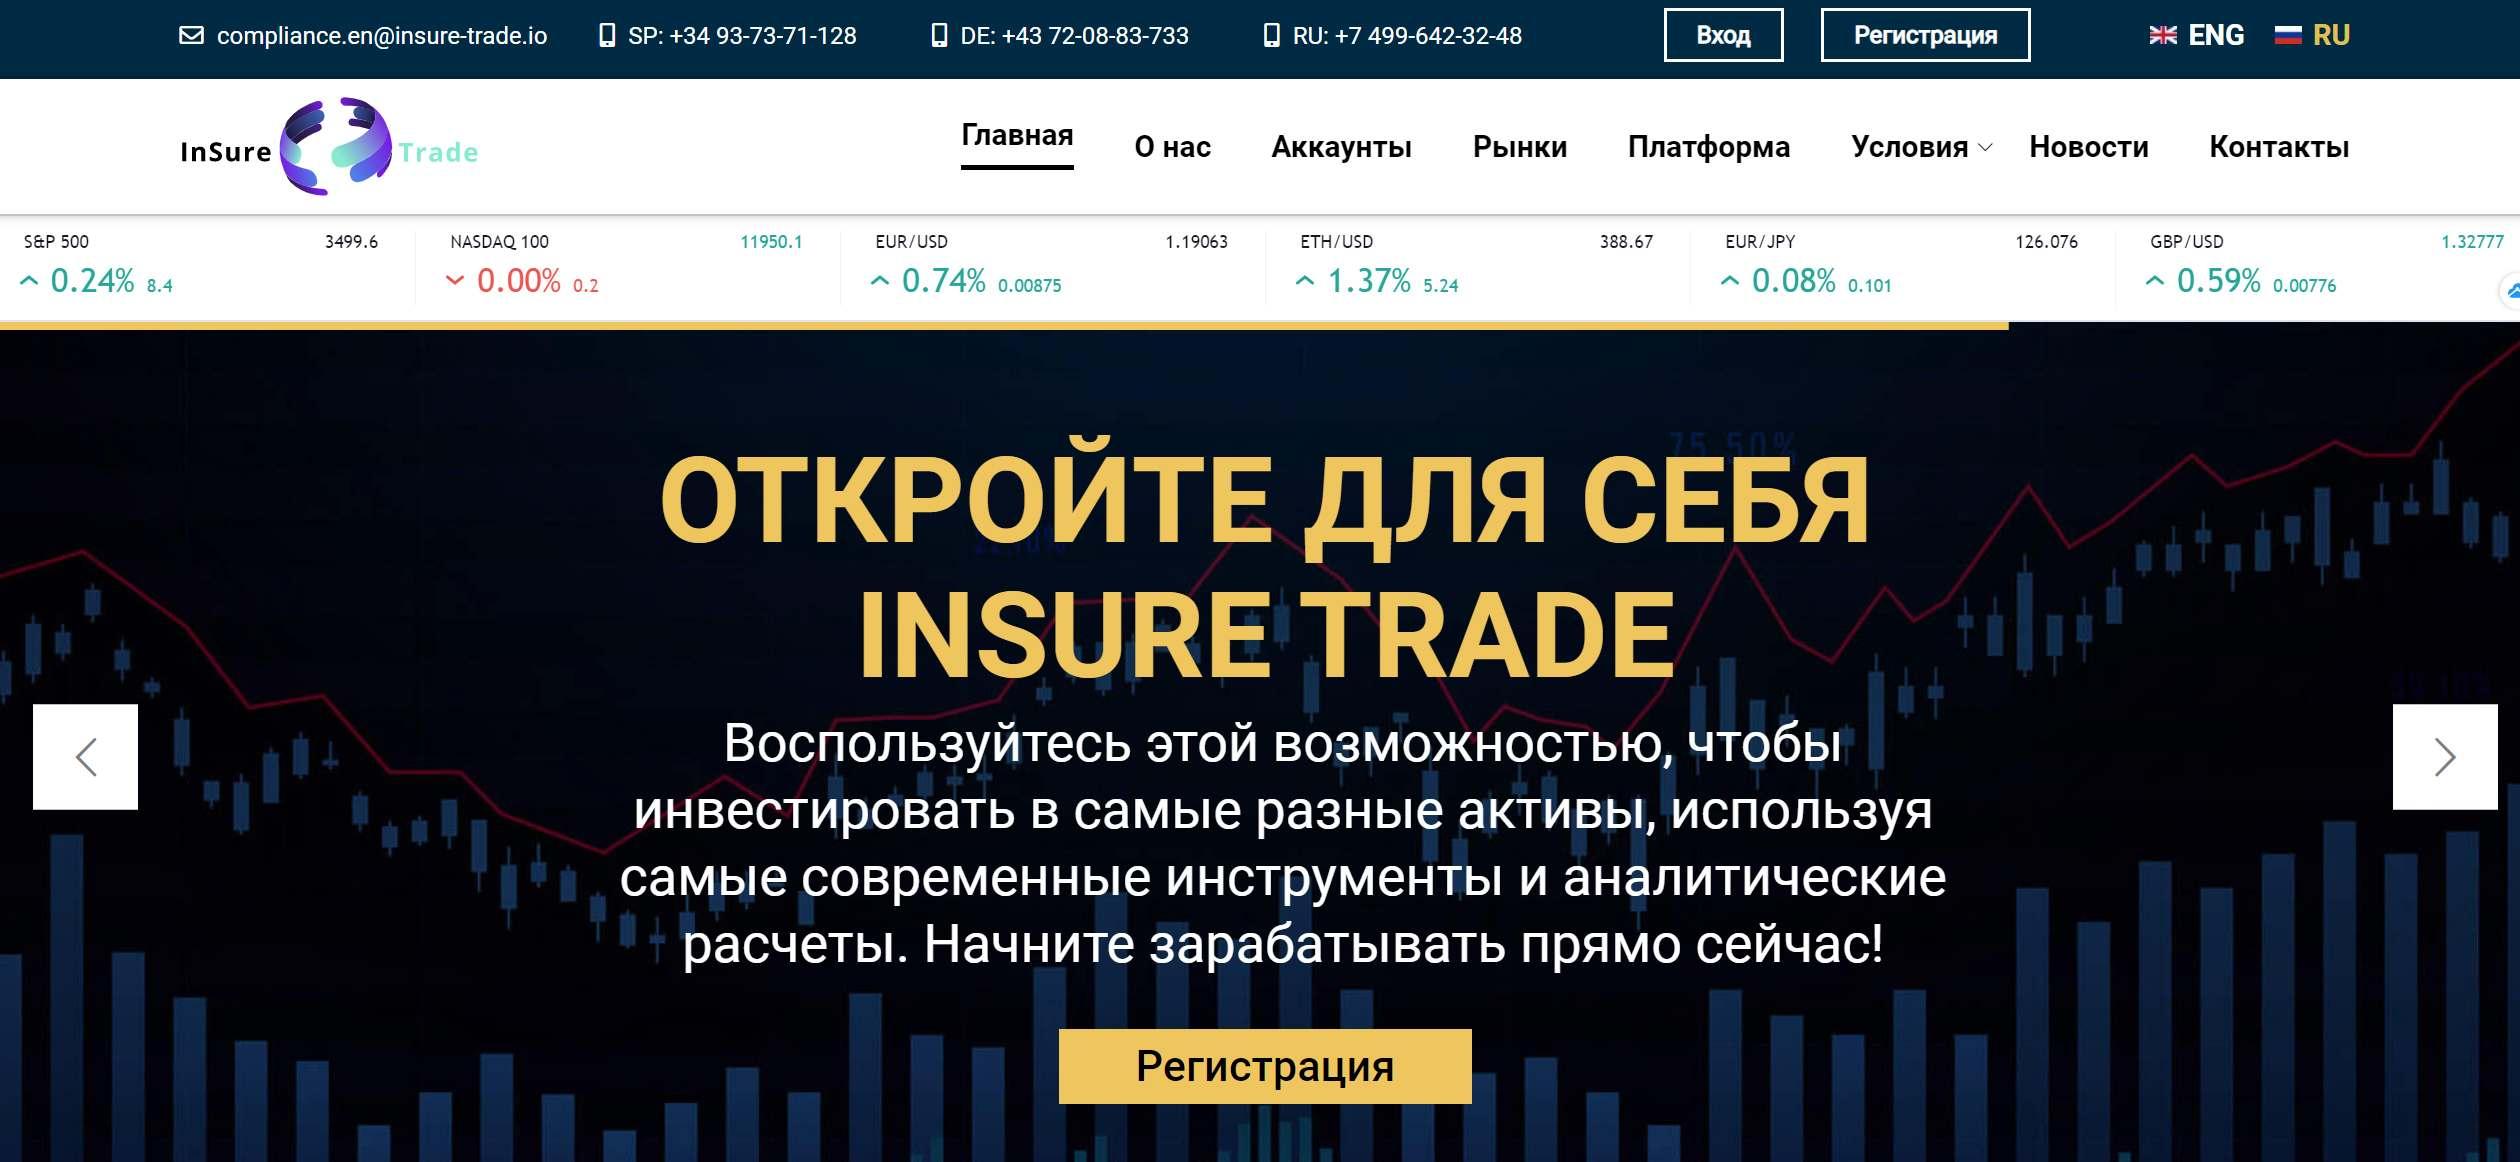 Отзывы о брокере InSure Trade. Предполагаемый мошенник или нет?